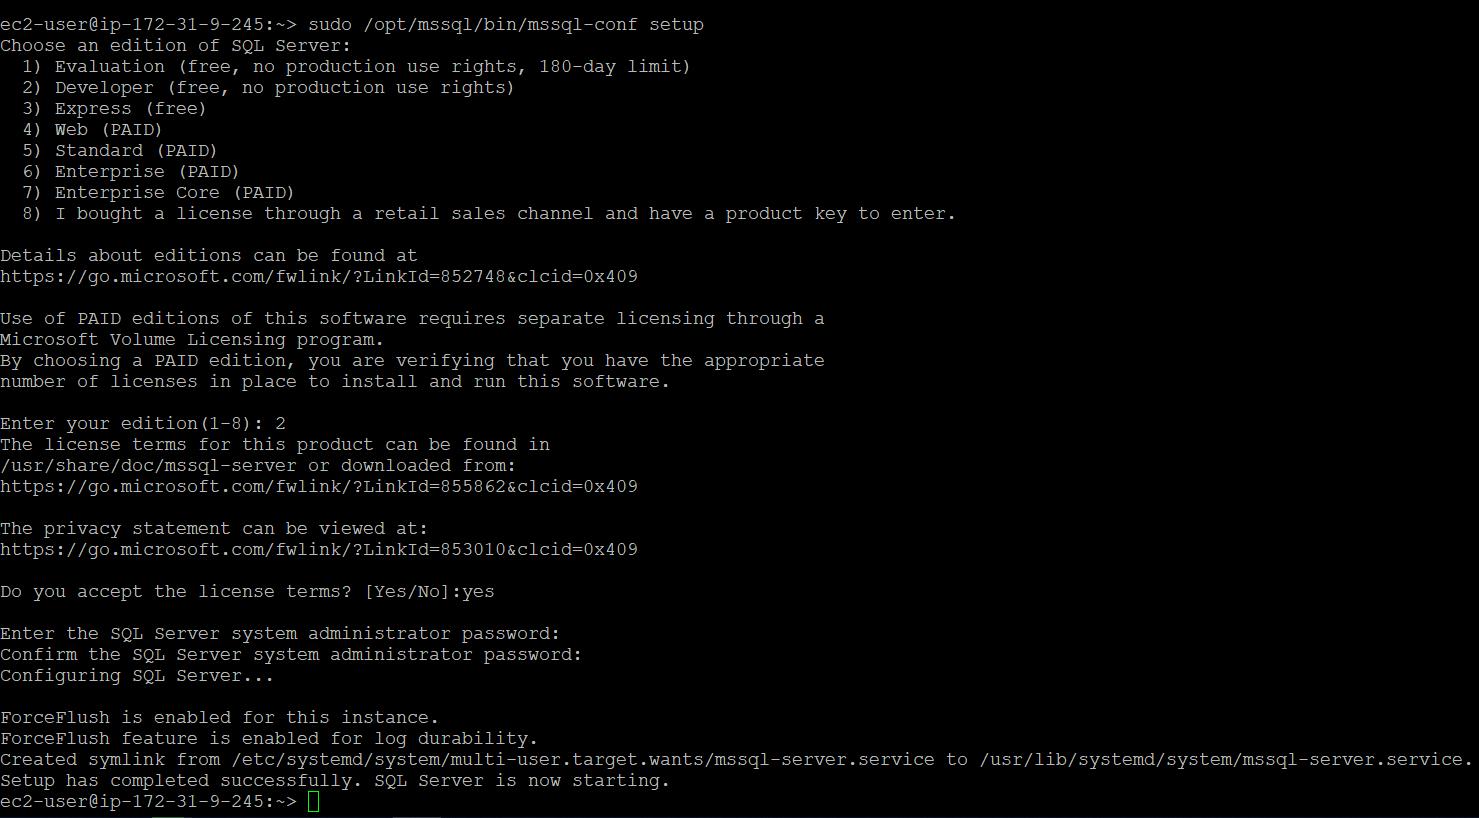 MSSQL configurations